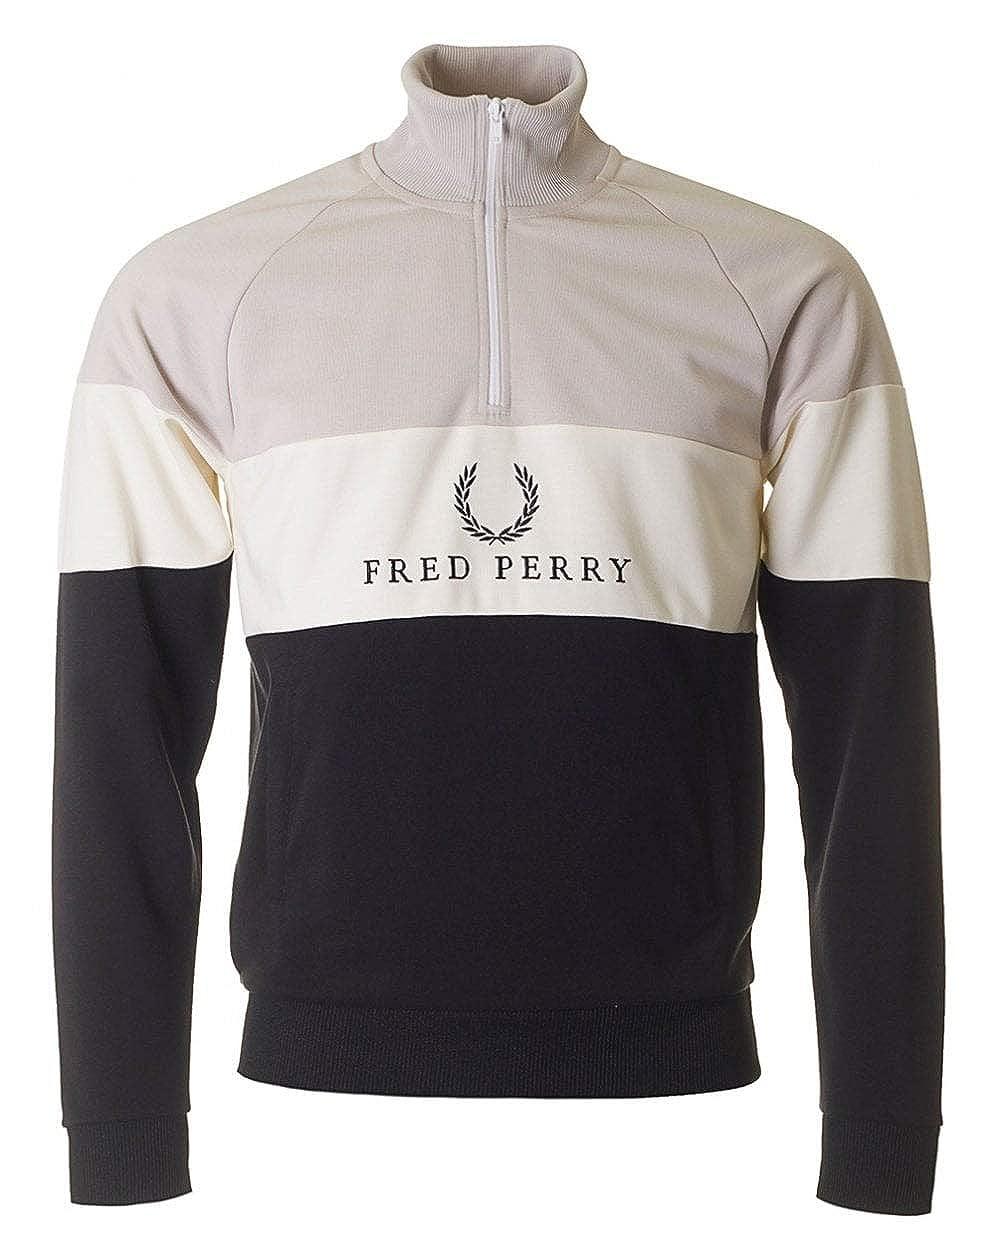 Fred Perry Embroidered Panel Sweatshirt Black, Sudadera - S: Amazon.es: Ropa y accesorios